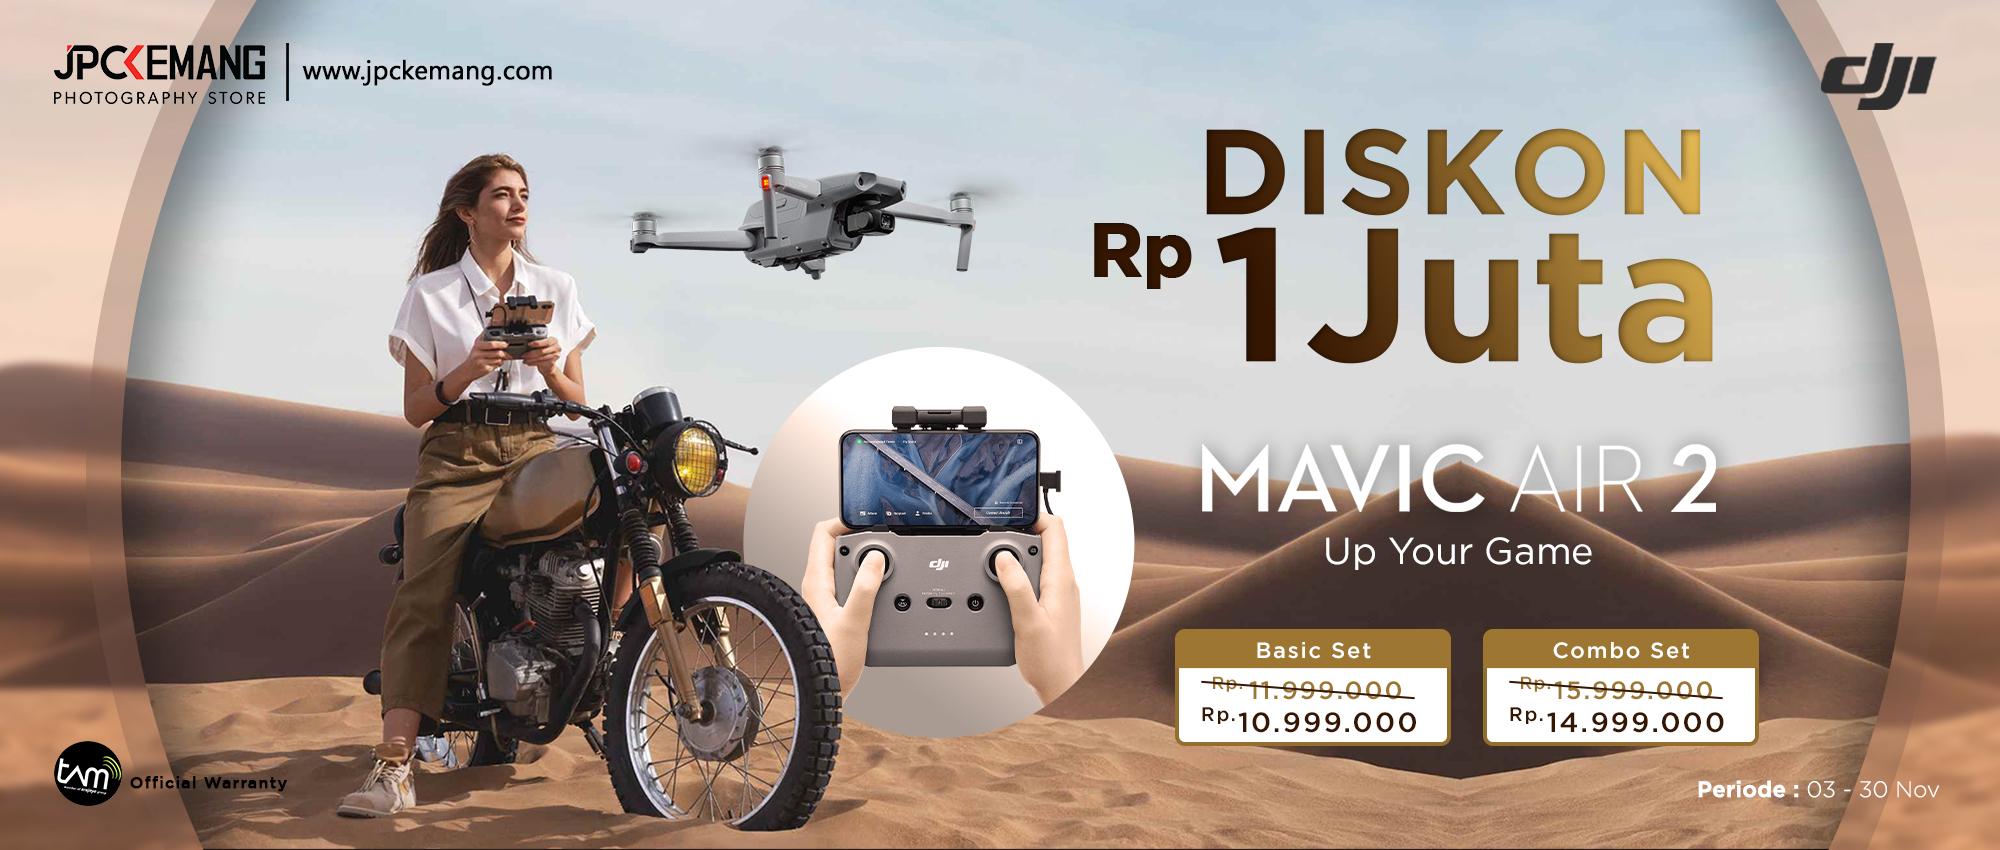 Promo DJI Mavic Air 2